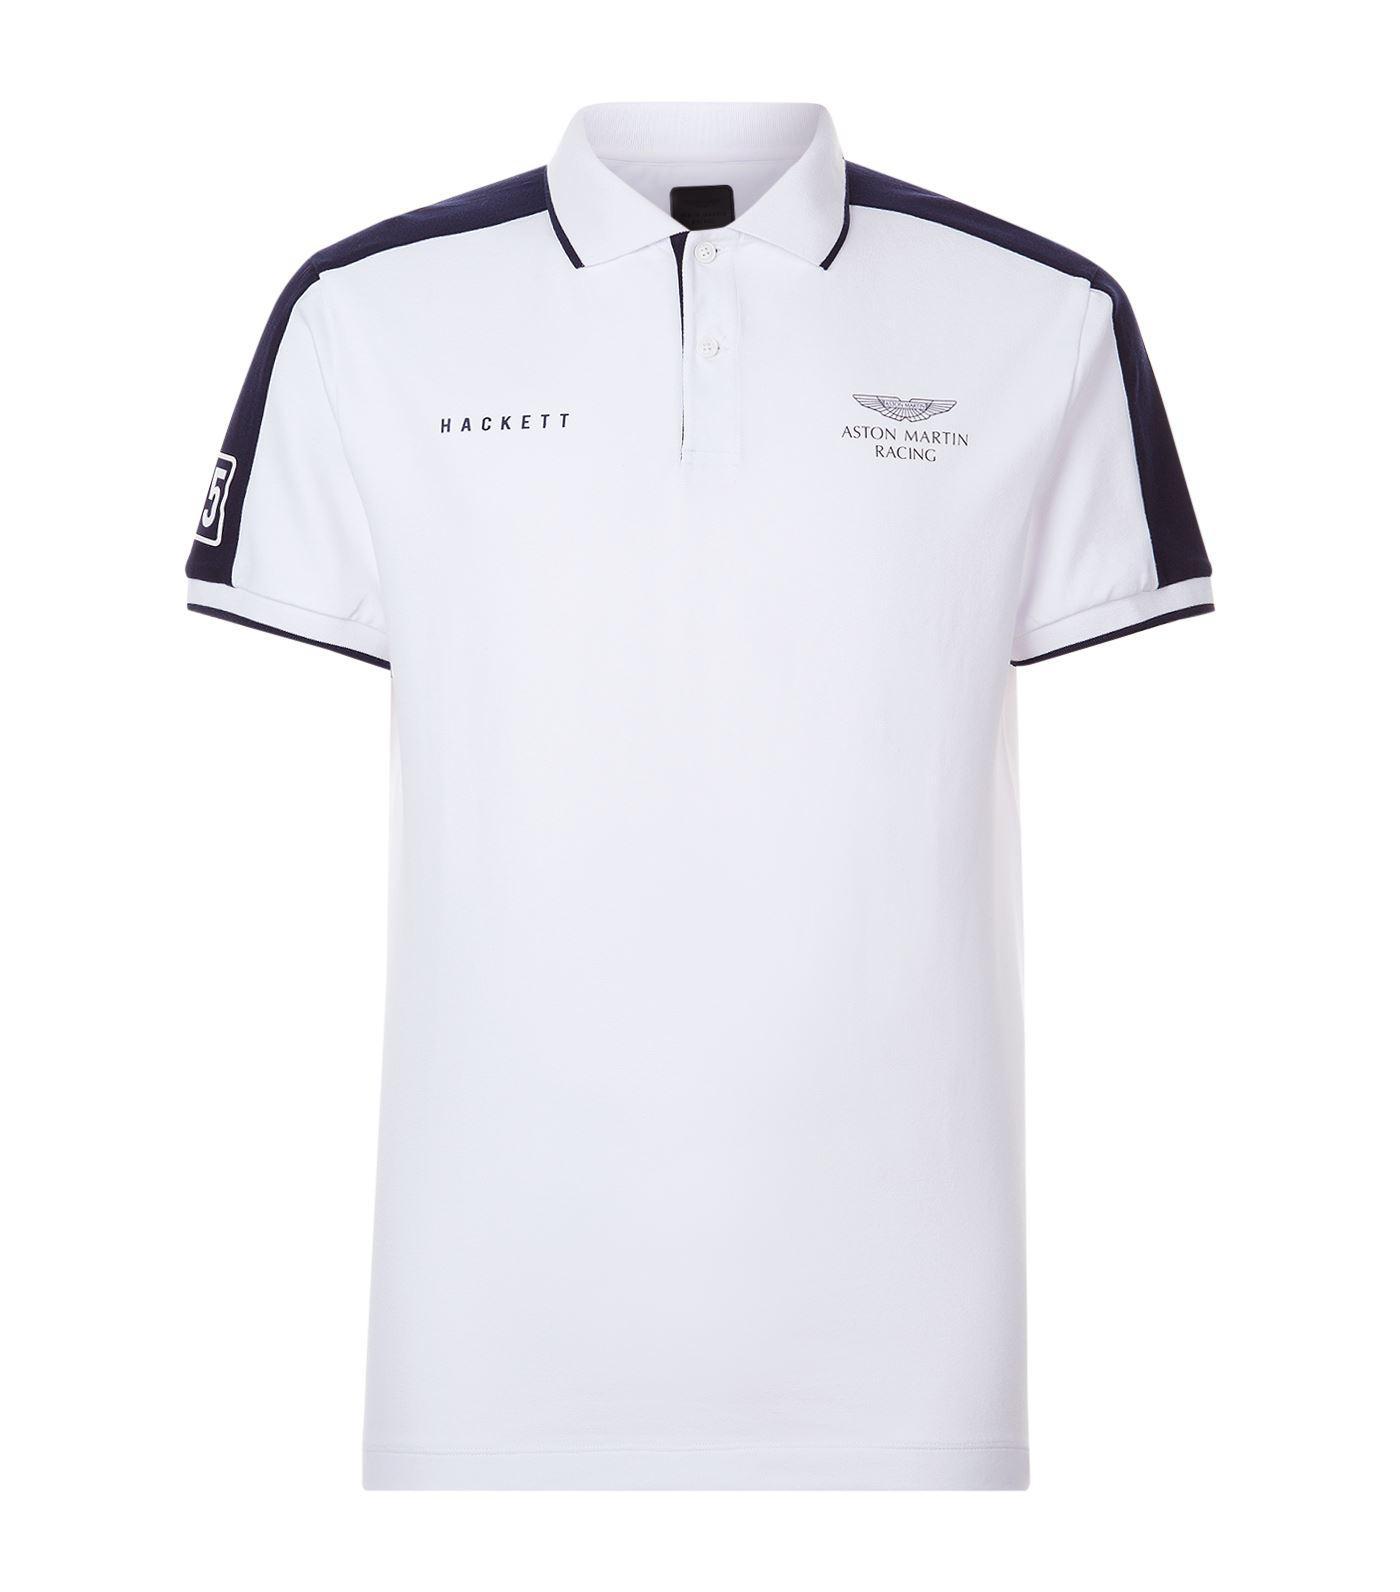 Hackett Men Aston Martin Racing Polo Shirt